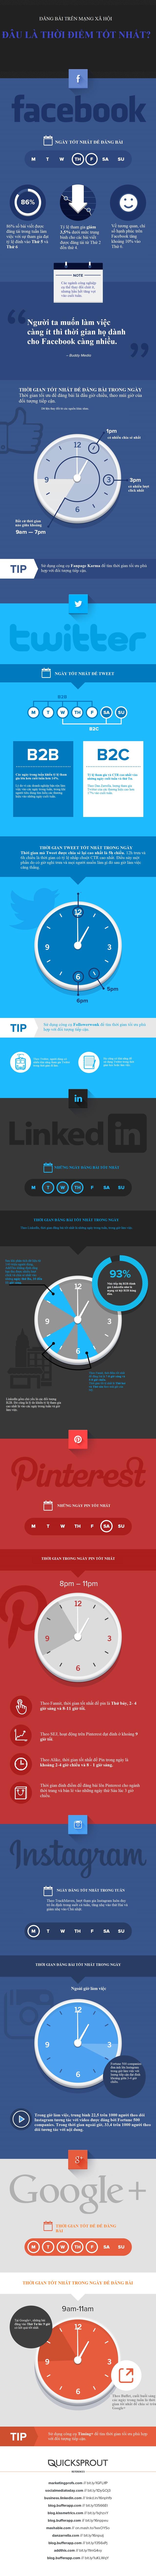 Thời điểm nào là tốt nhất để đăng bài lên các mạng xã hội?